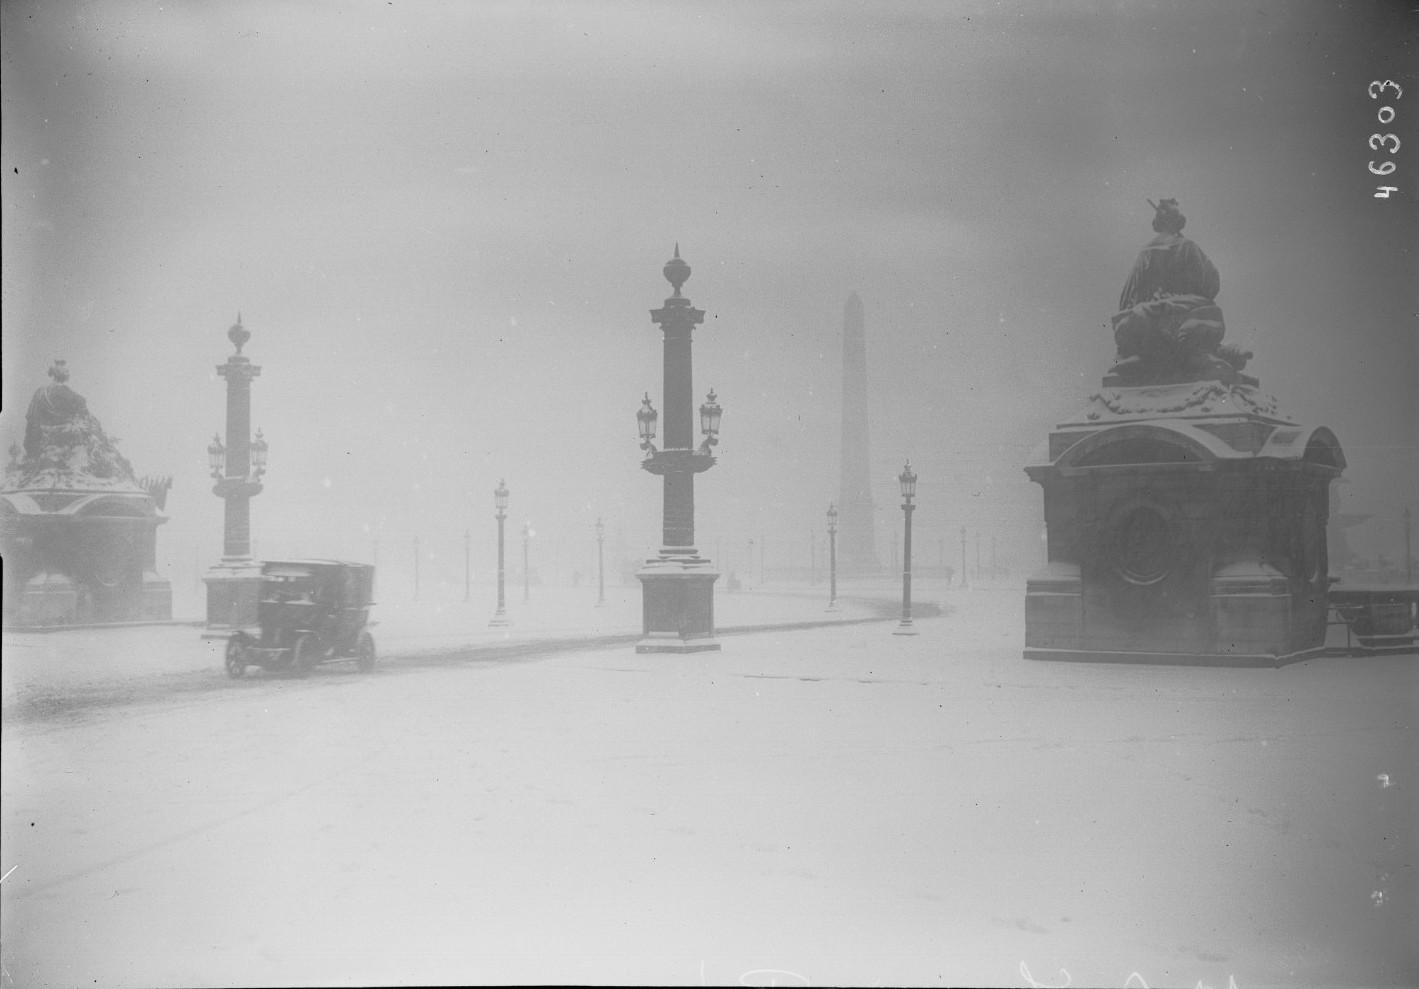 1916. Снежная пурга в Париже